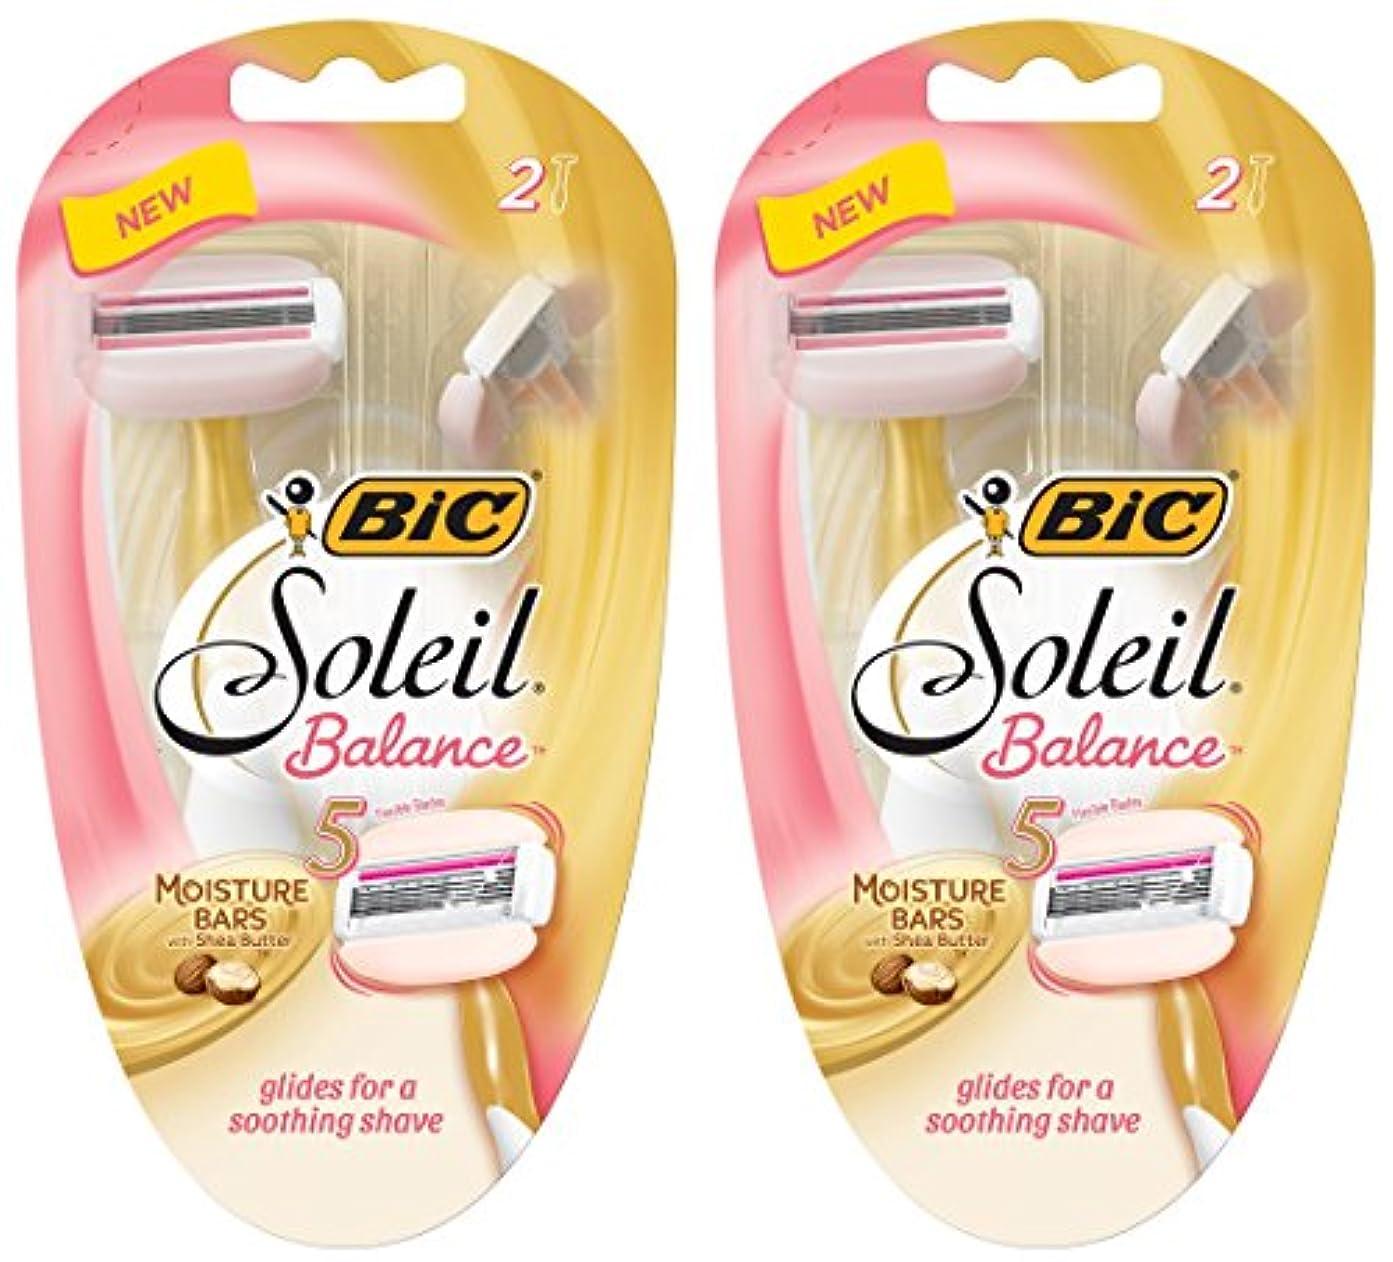 個人的に説明的カーテンBIC 女性のためのソレイユバランスレイザー - 2カウントかみそりパーパッケージ - - シアバターと水分バーは2つのパッケージのパック